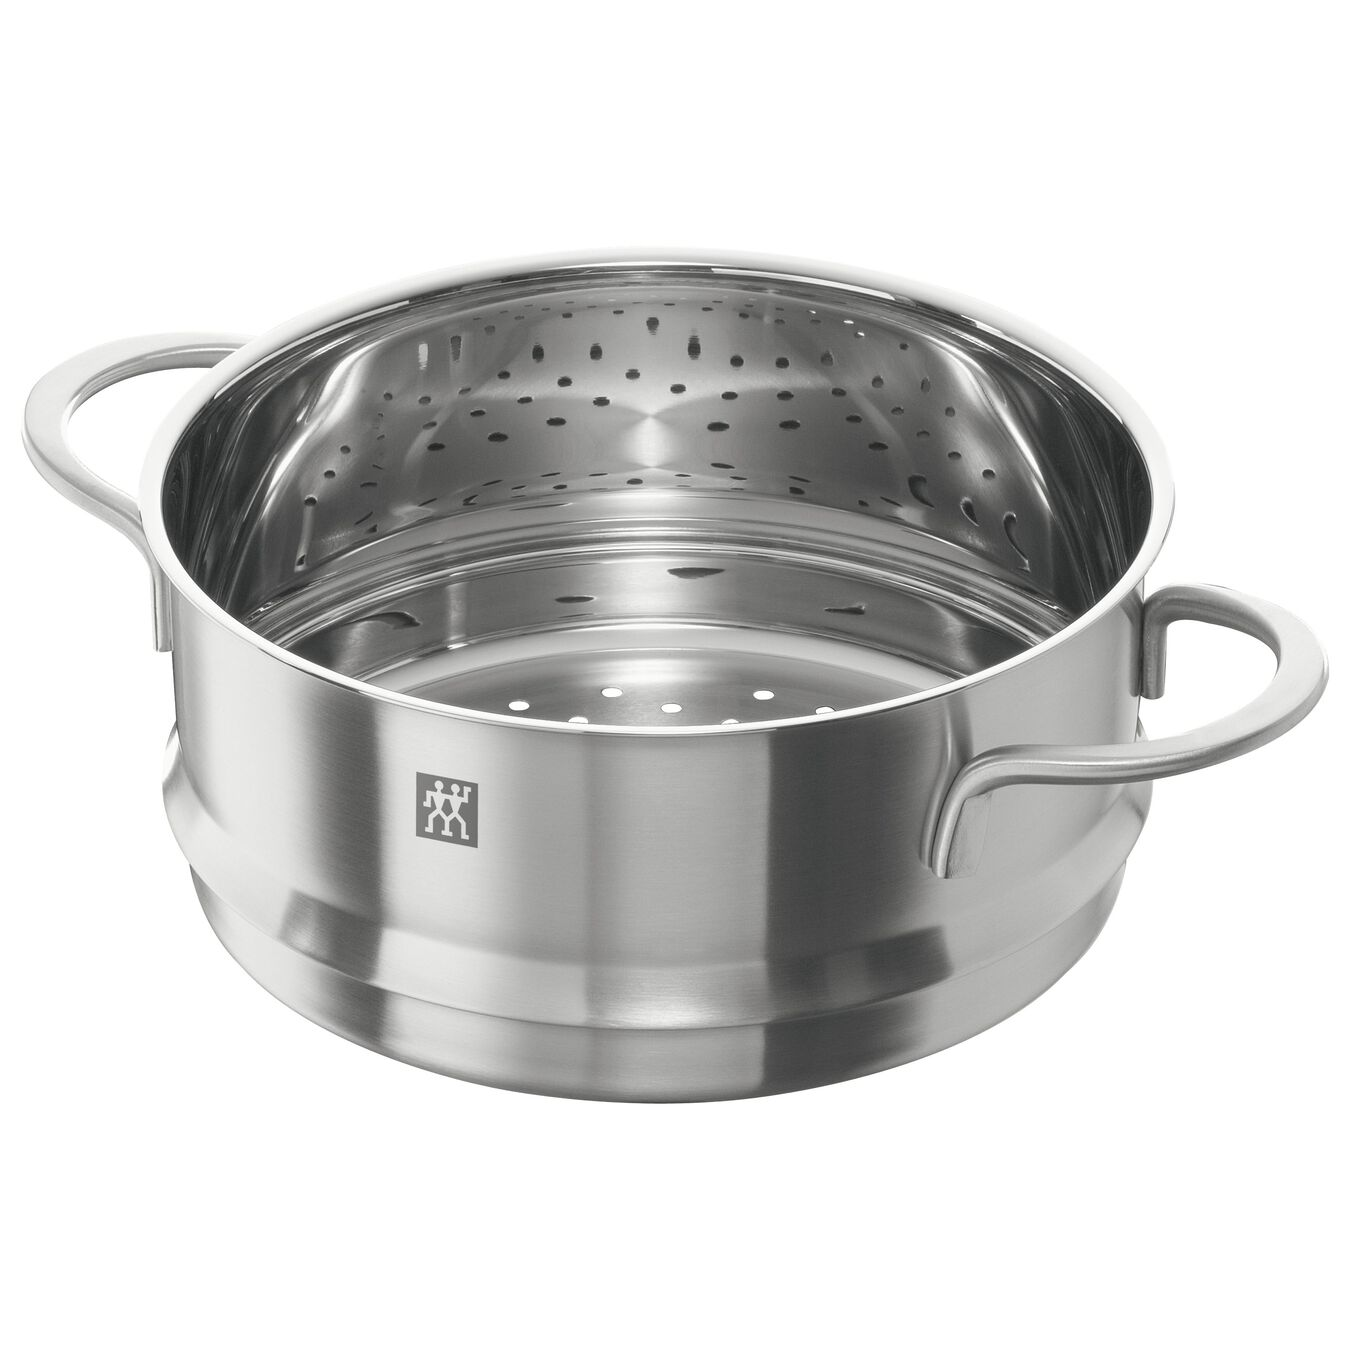 Buharda Pişirme Aparatı   Yuvarlak   30 cm,,large 1